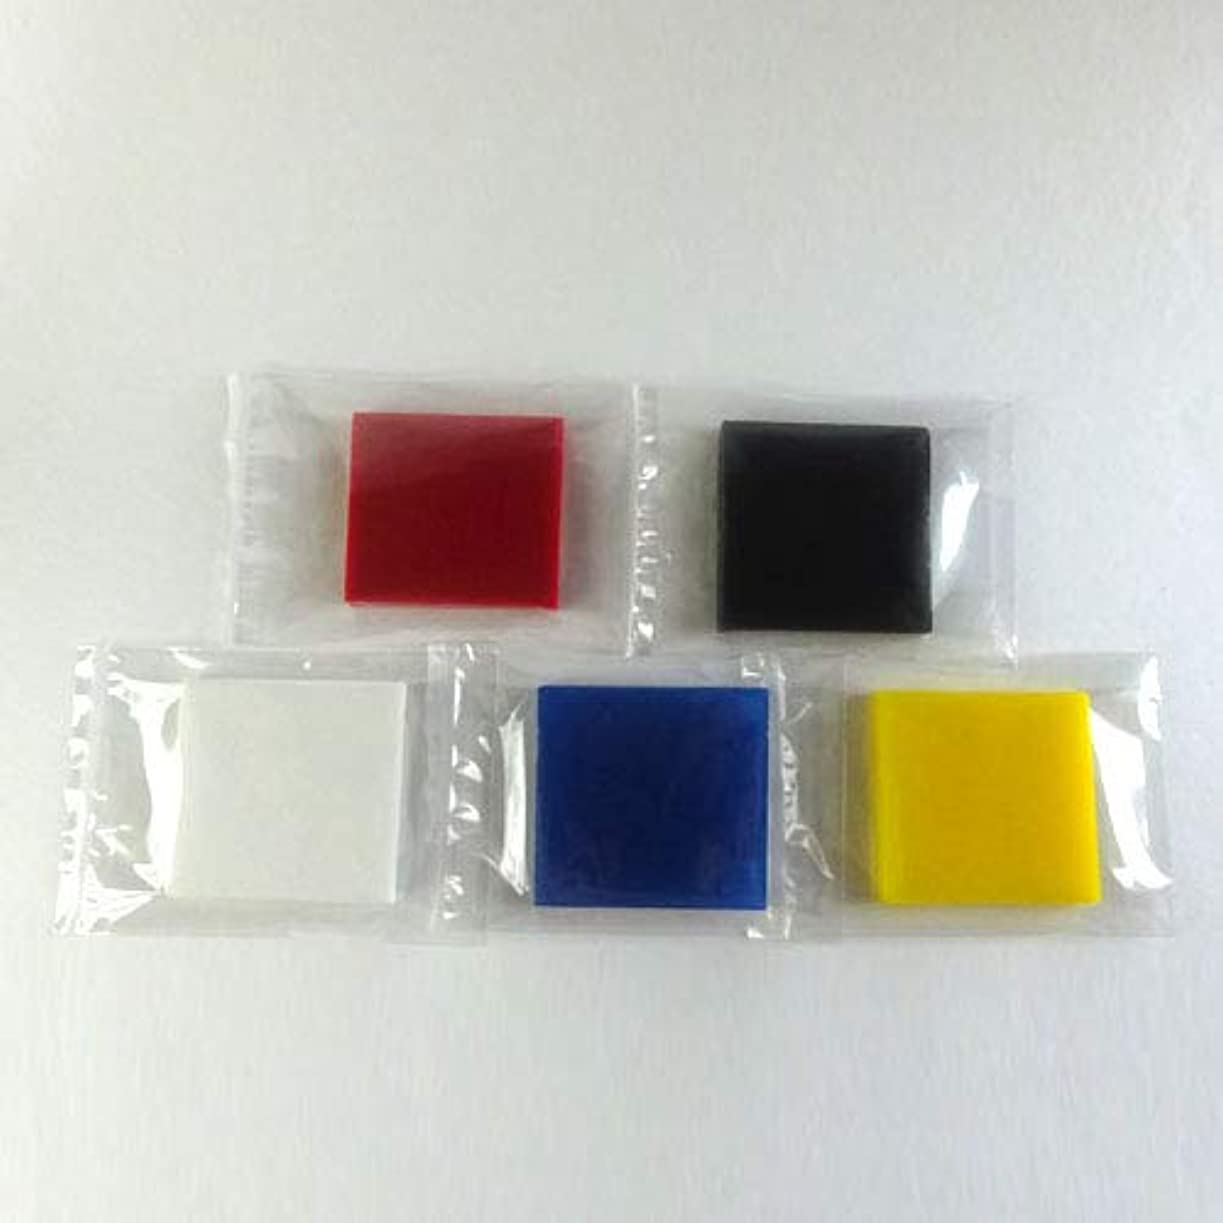 熱意巡礼者記念品グリセリンソープ MPソープ 色チップ 5色(赤?青?黄?白?黒) 各60g(30g x 2pc)